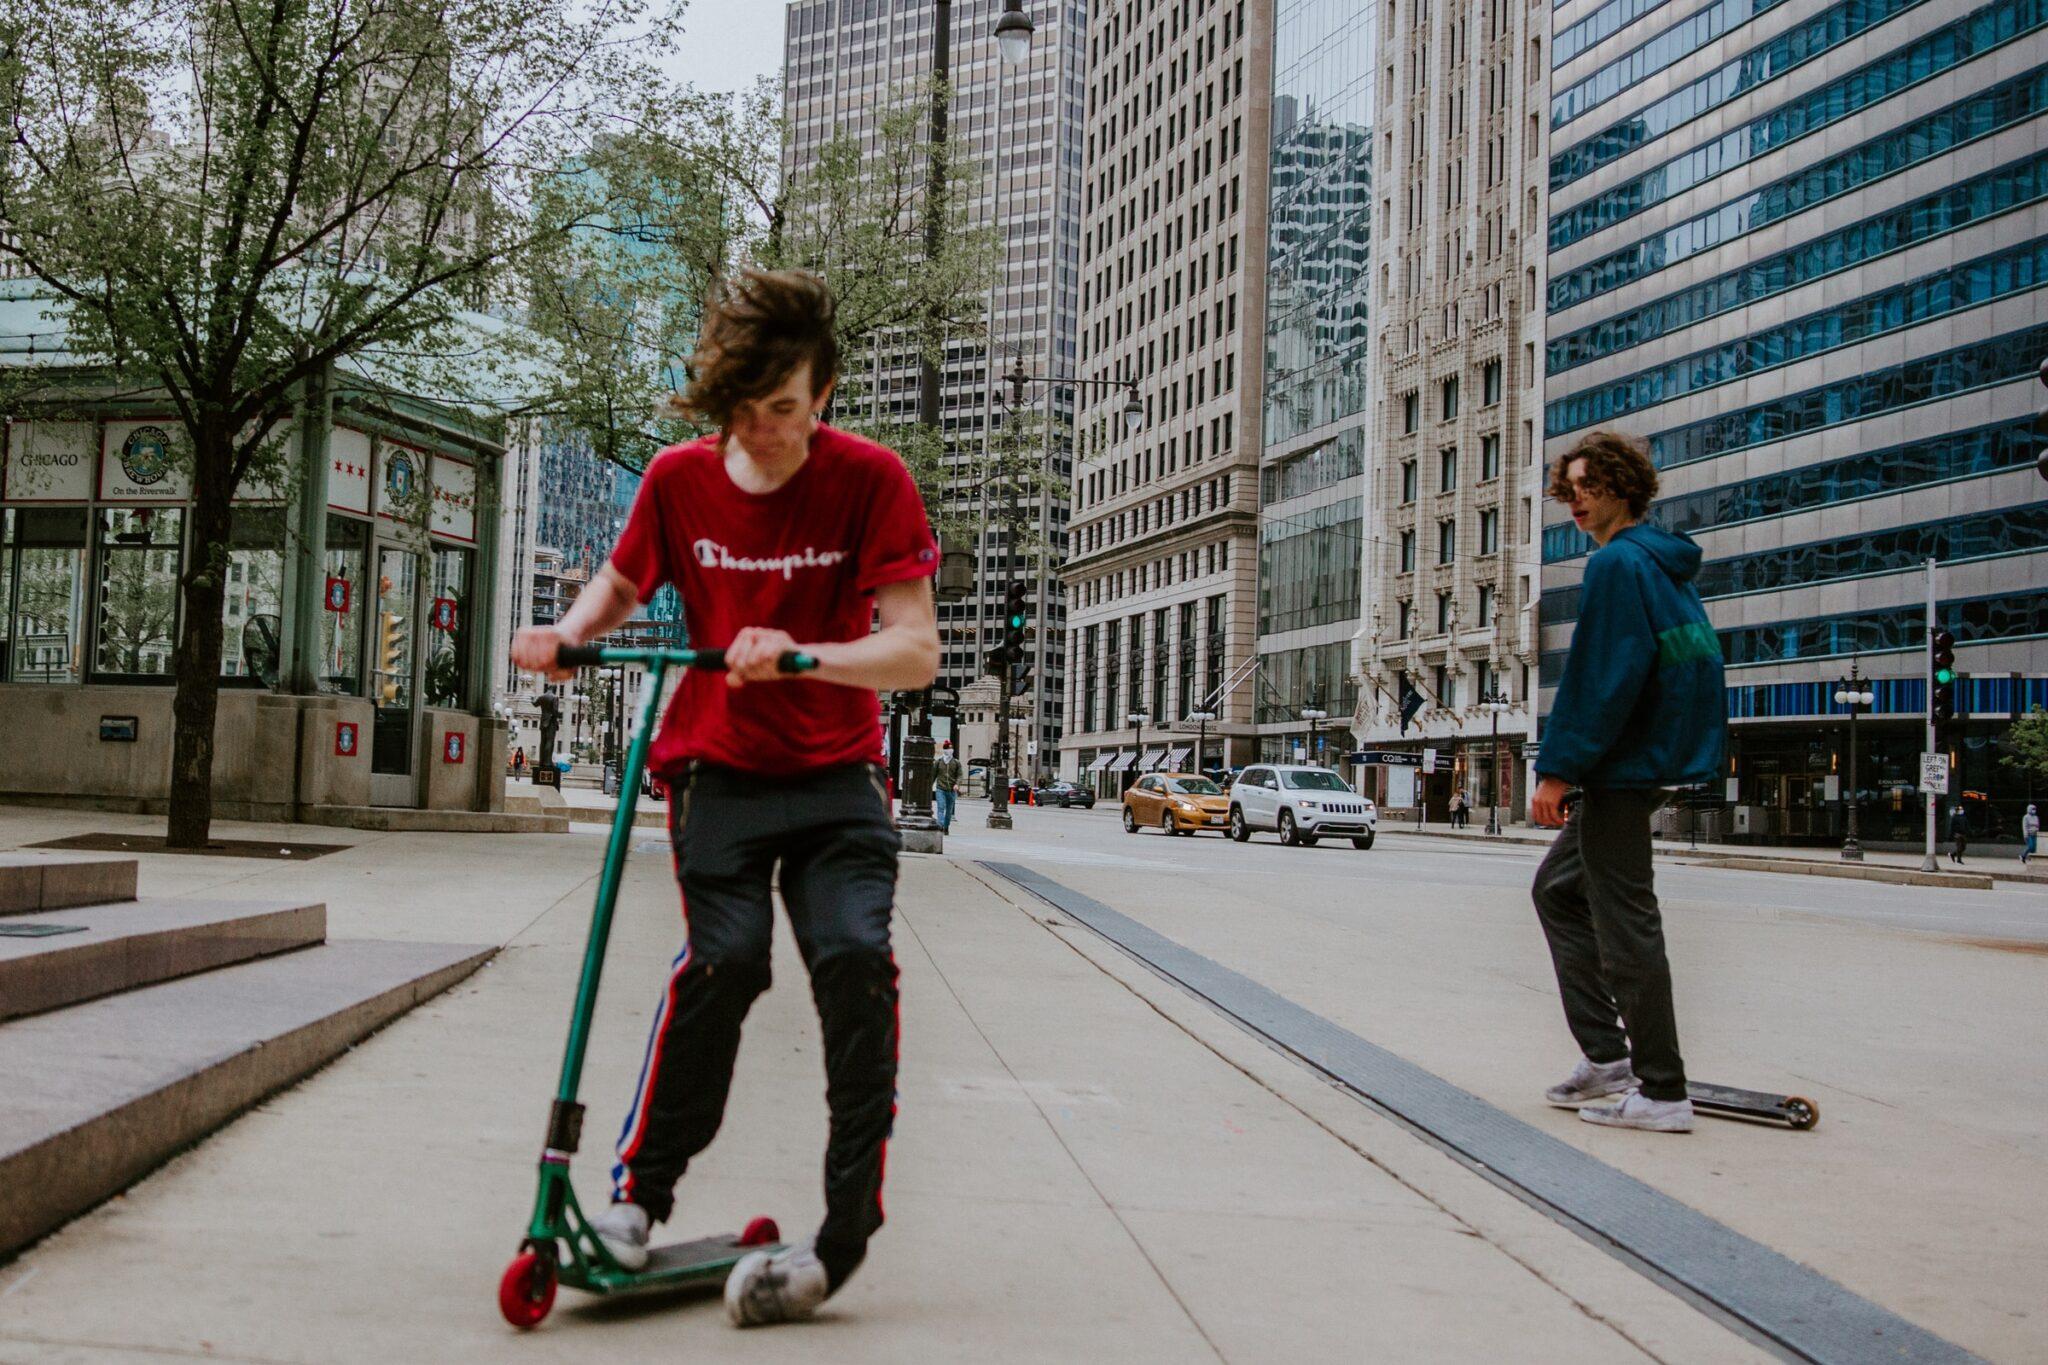 Ein junger Skates in rotem T-Shirt und dunkler Hose steht mit dem rechten Bein auf einem Tretroller und knickt mit dem linken Knöchel auf dem Boden um.